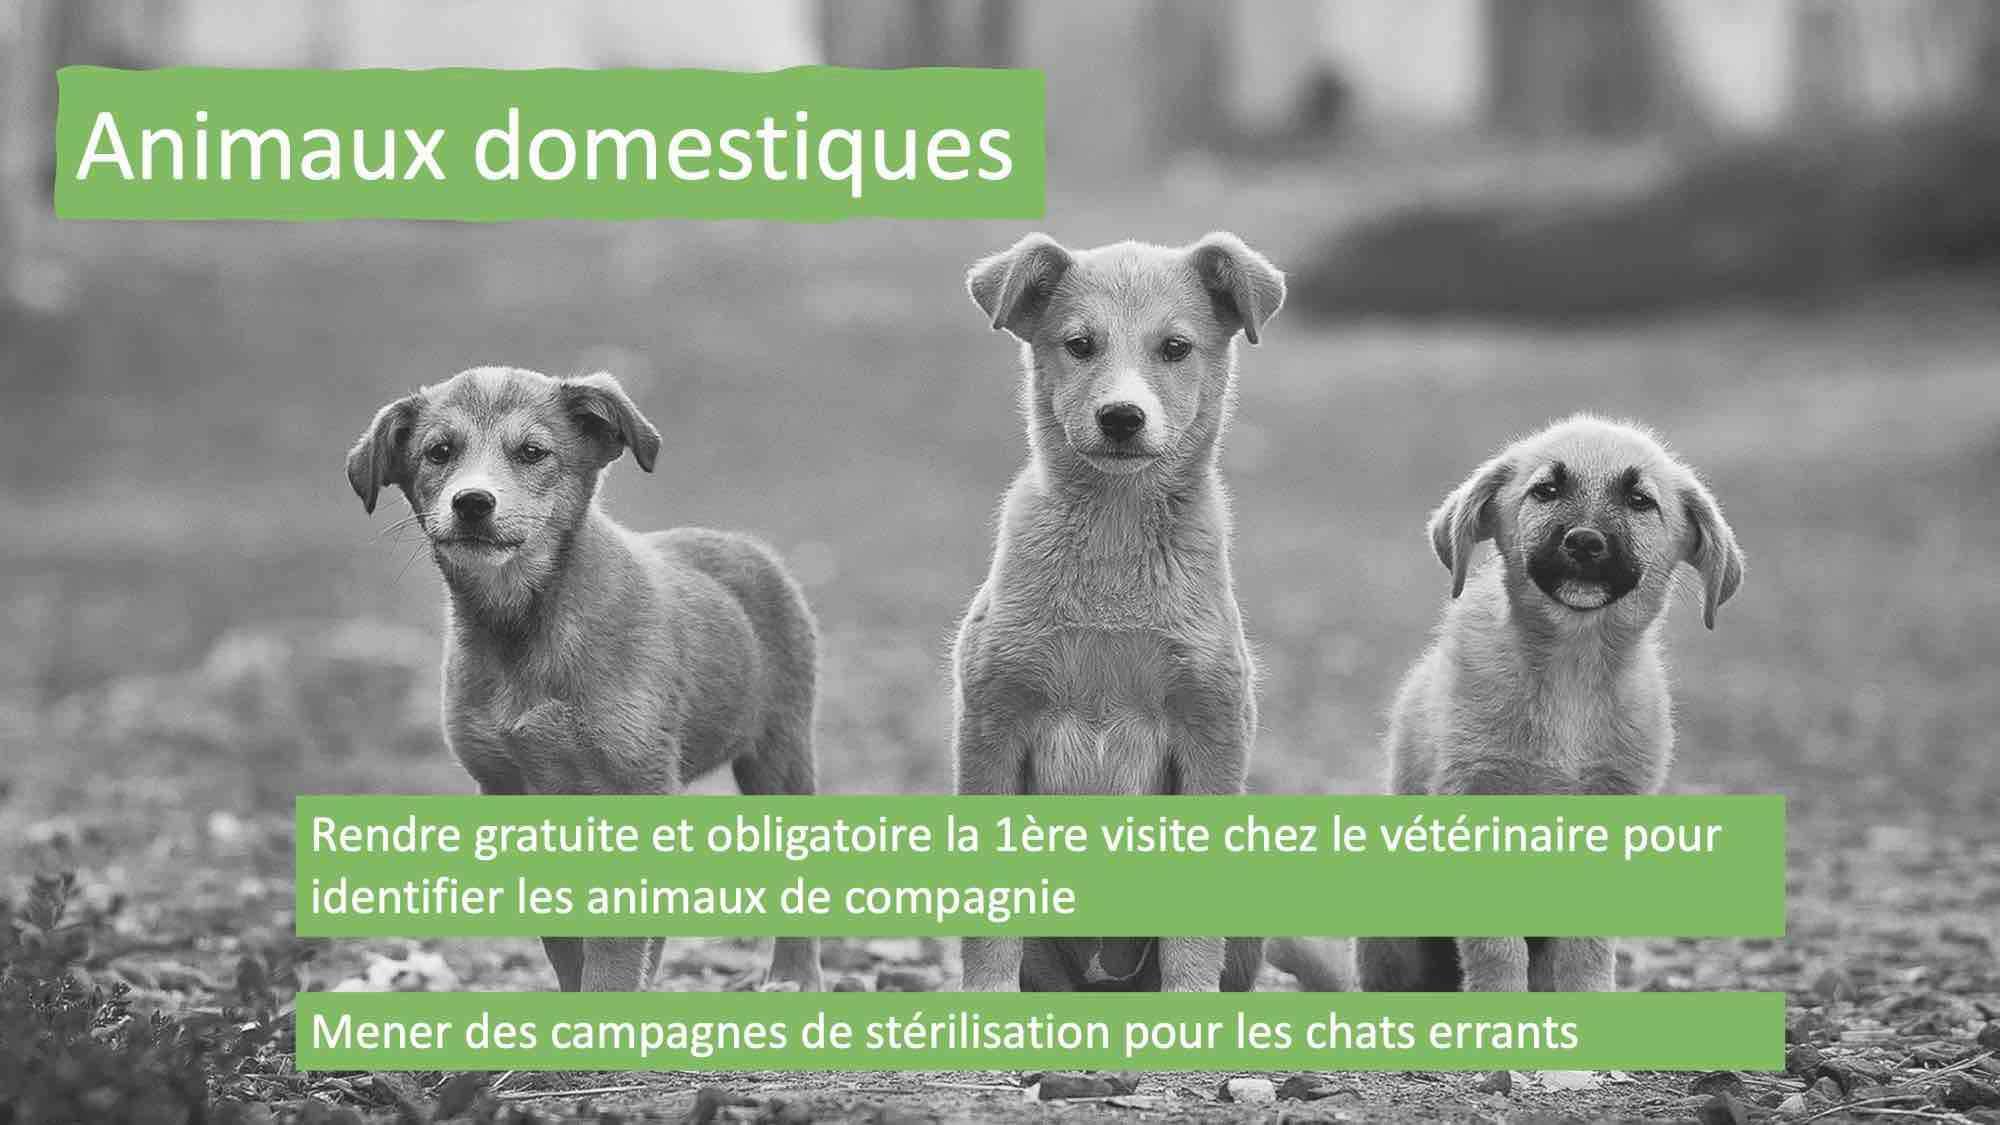 ECA appuie les 20 mesures pour les animaux